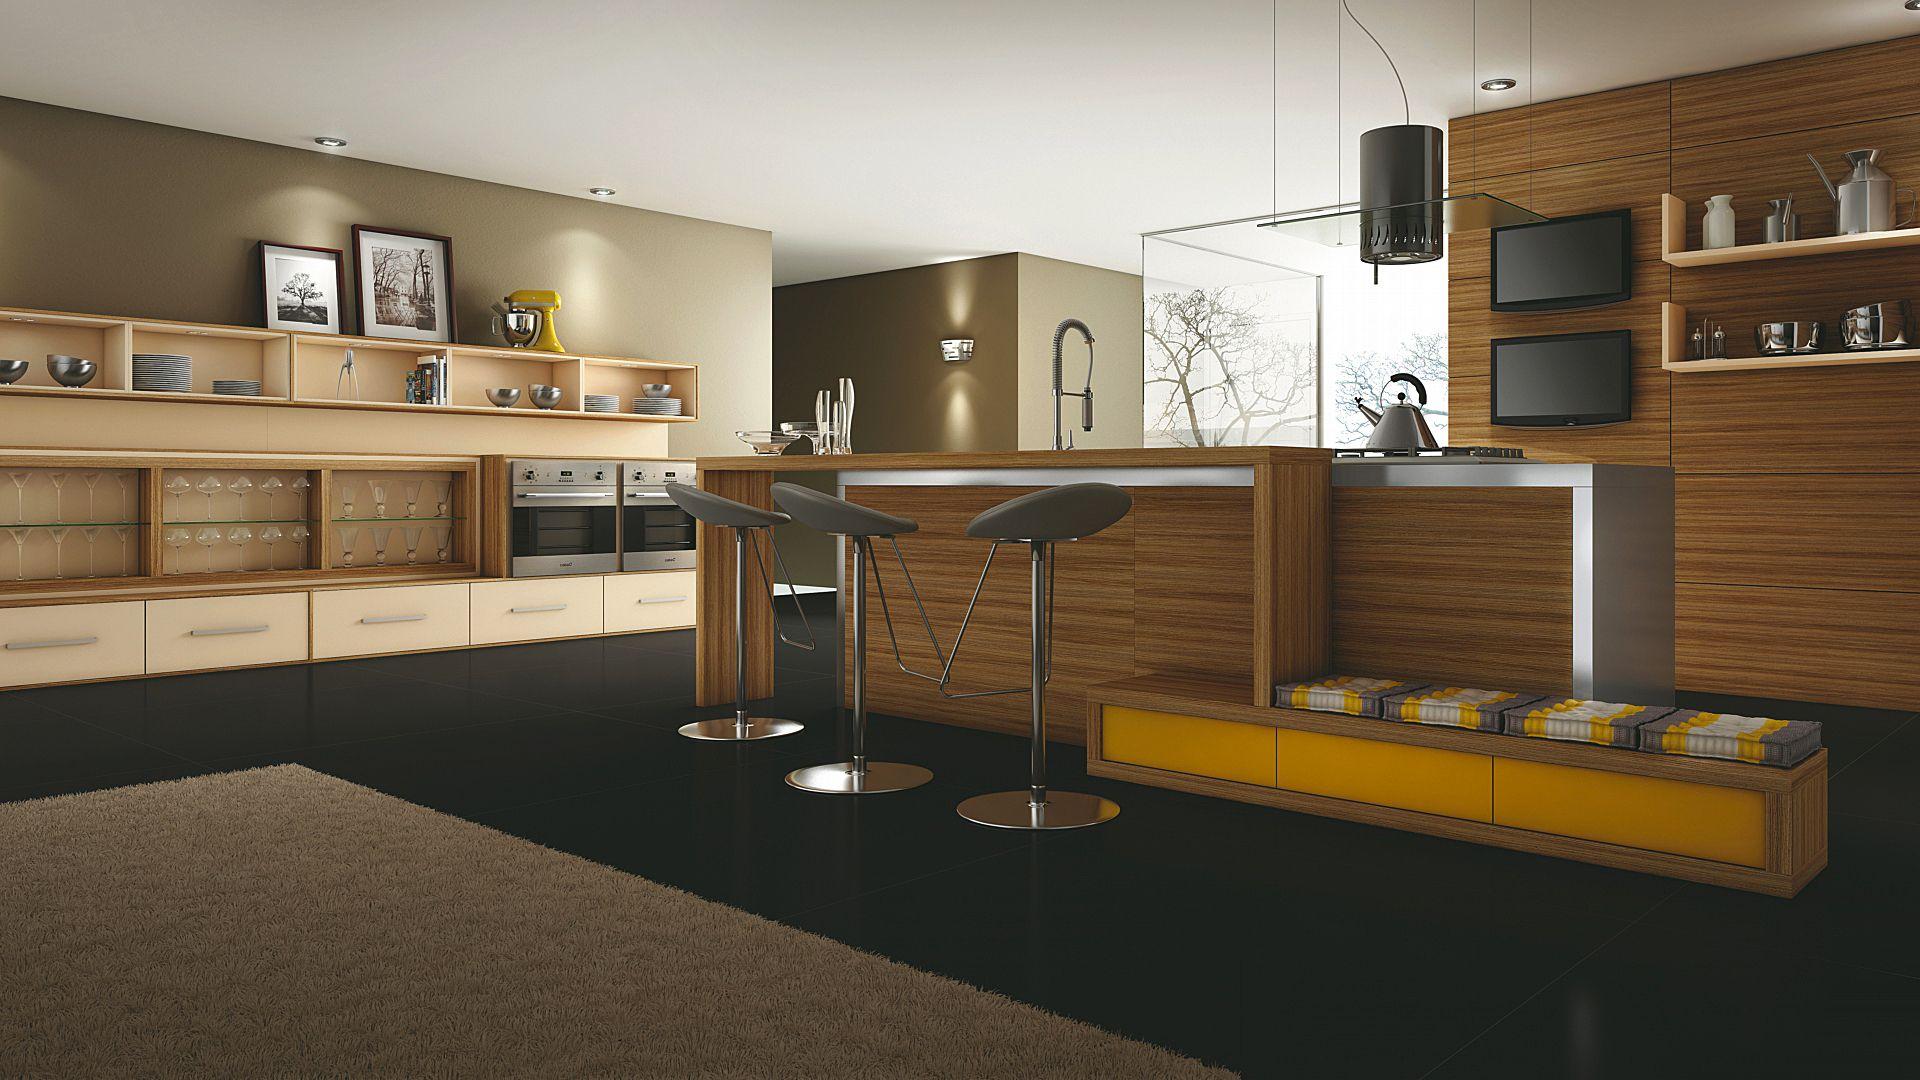 Cozinhas idélli ambientes cozinha pinterest